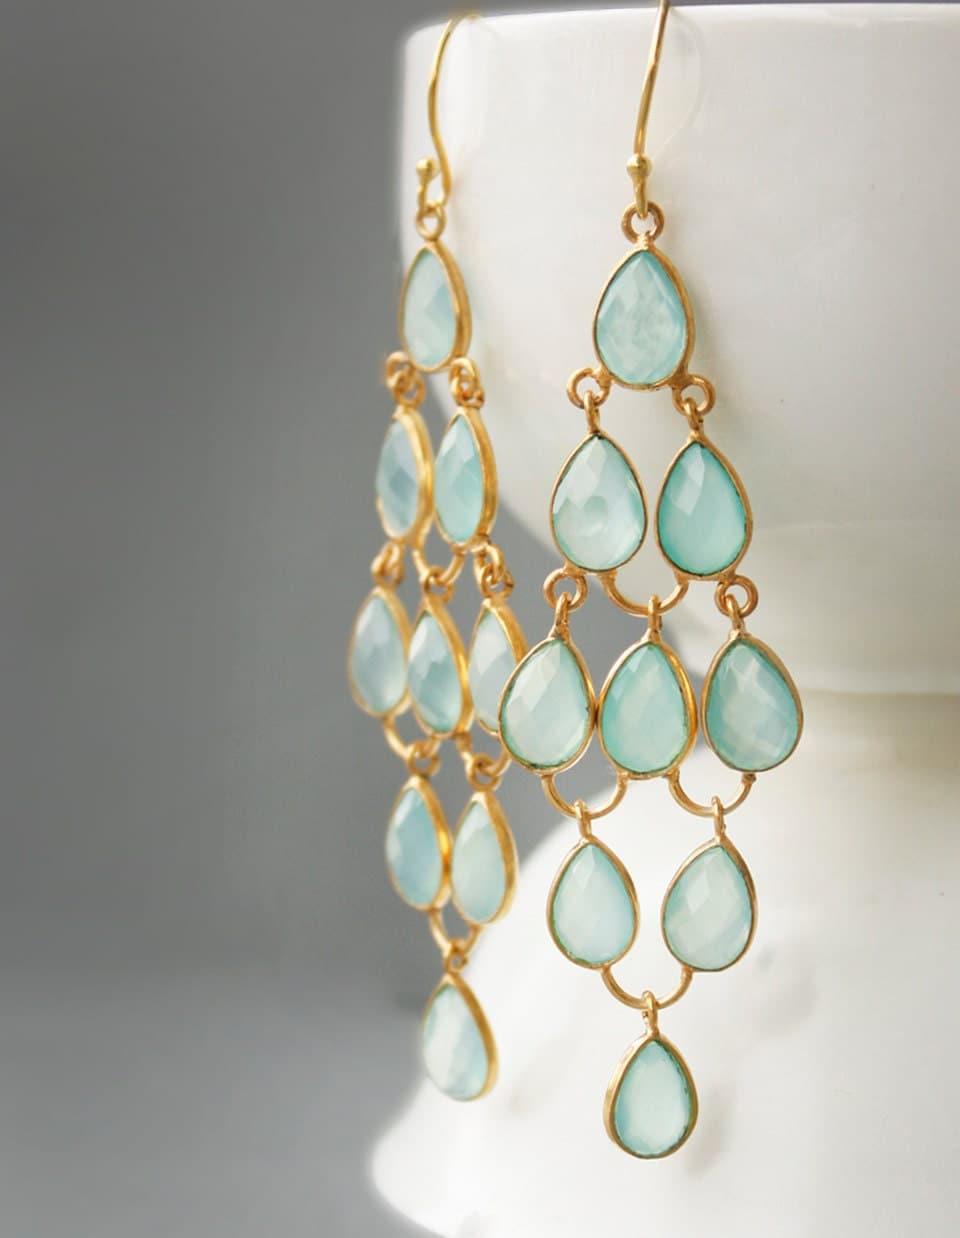 Aqua Chalcedony Chandelier Earrings Sea Foam Green Red – Aqua Chandelier Earrings